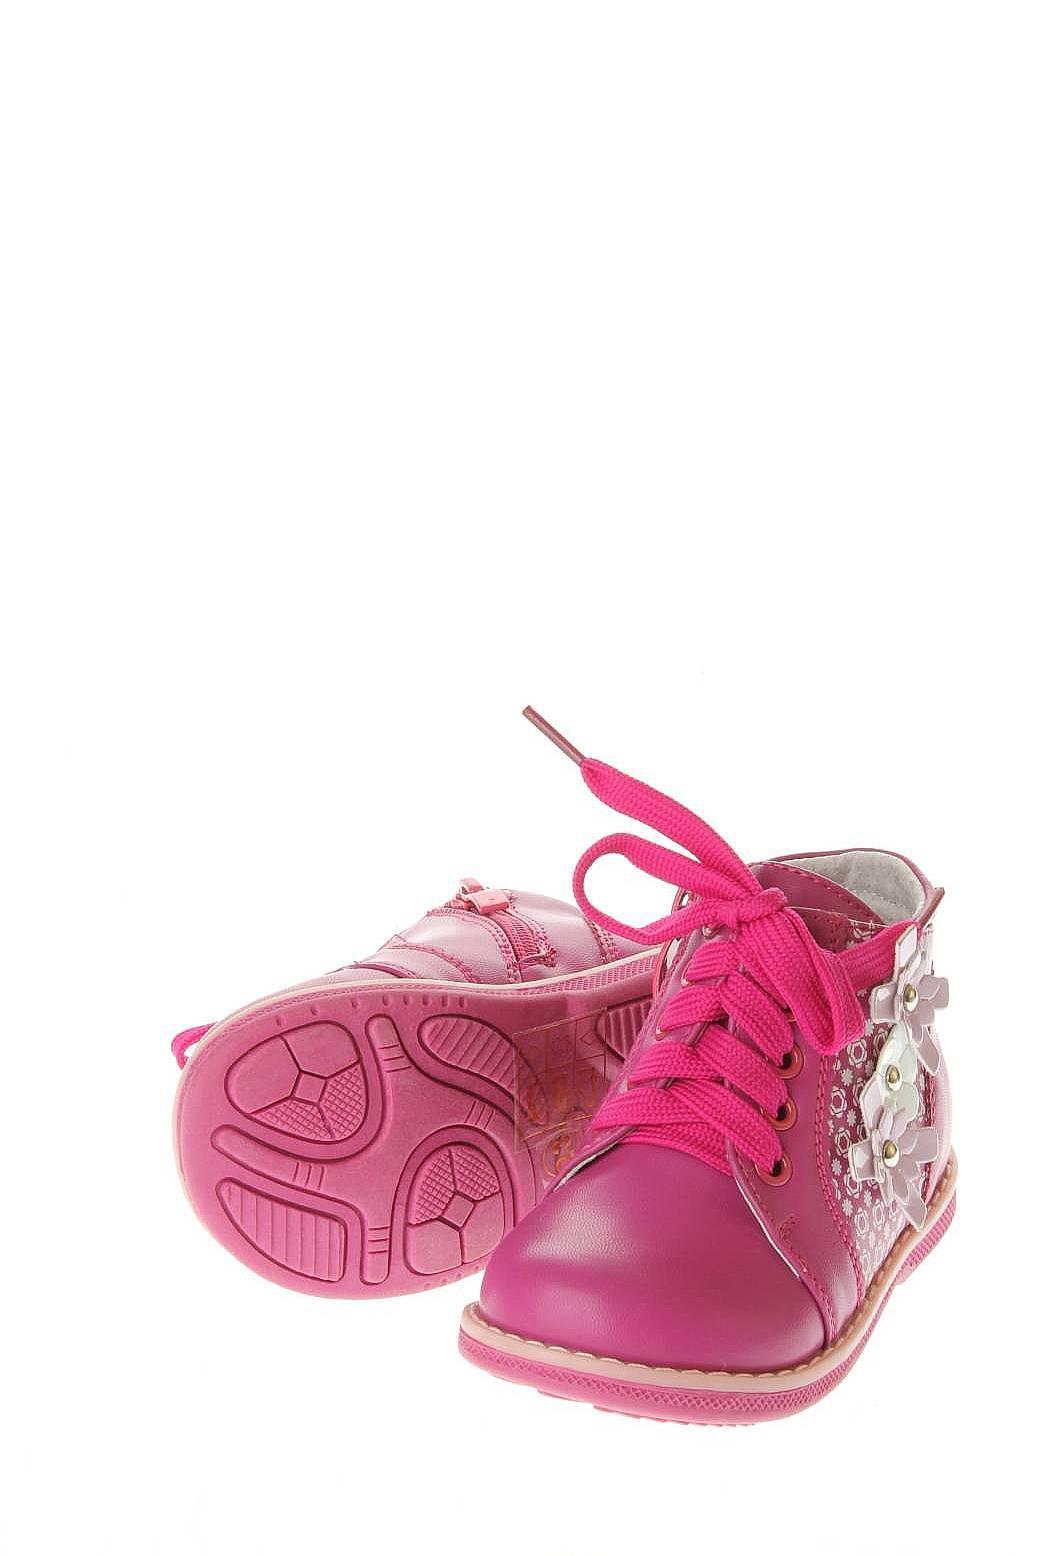 Мужская Обувь Детская Обувь Ботинки, Ботильоны: KENKA Обувь